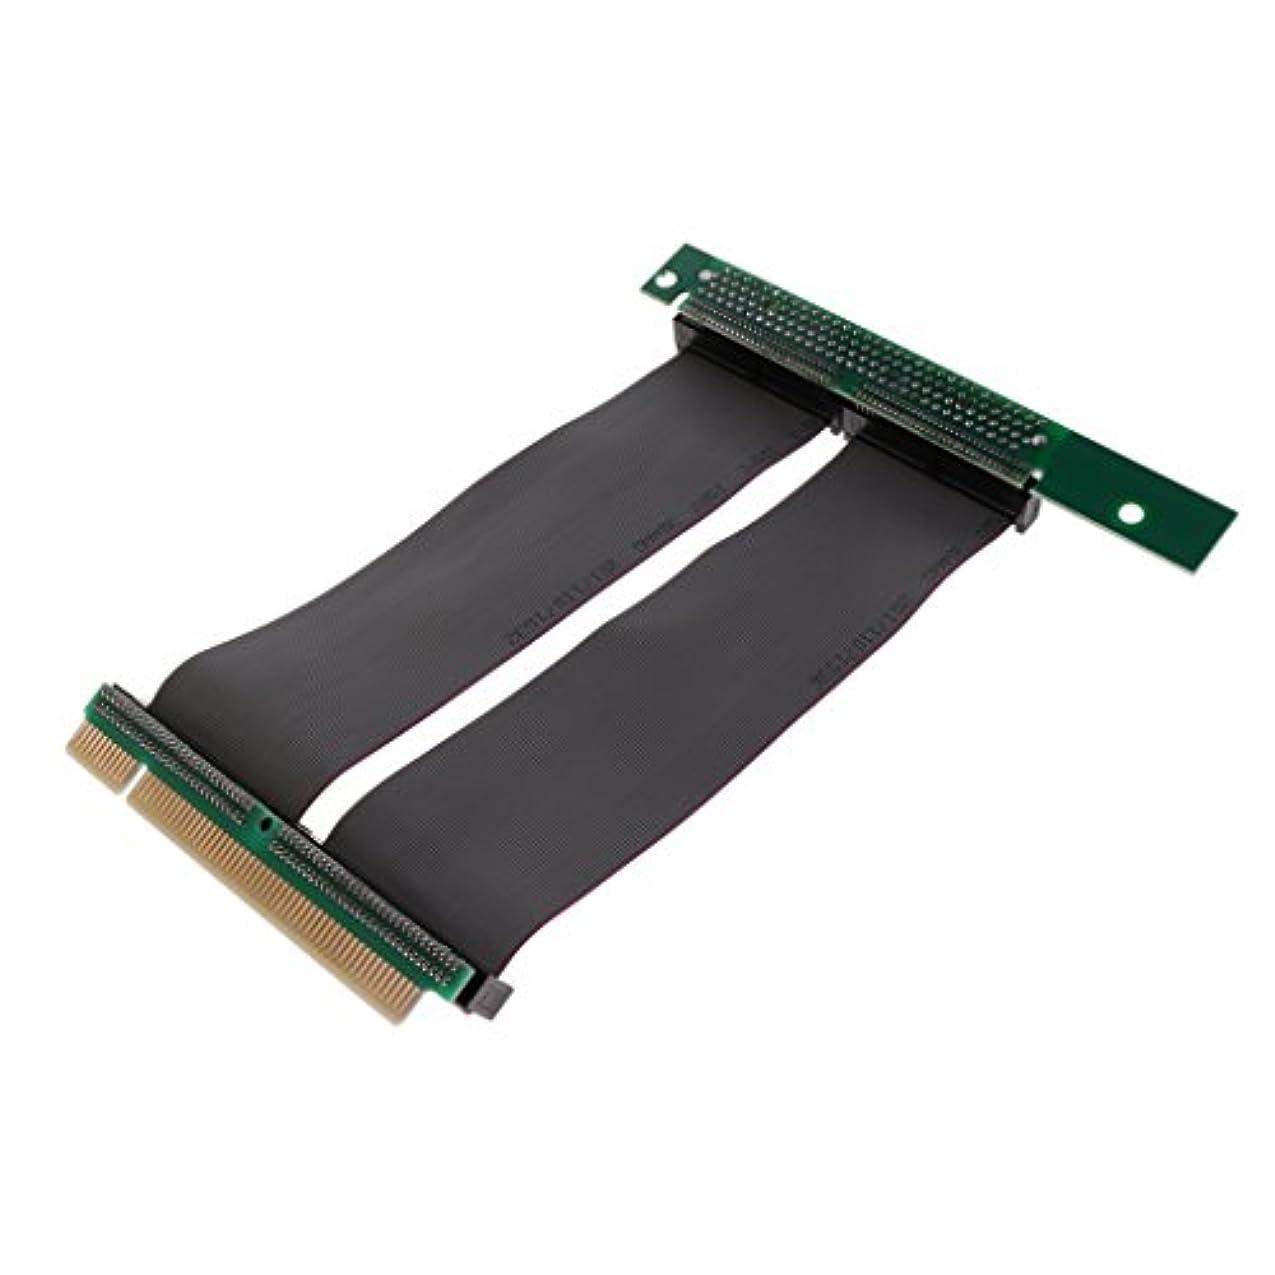 部門虫を数えるモッキンバードPerfk PCI拡張ケーブル?コード PCIライザー カード 32ビット エクステンダー アダプター 1U/2Uシャーシ用